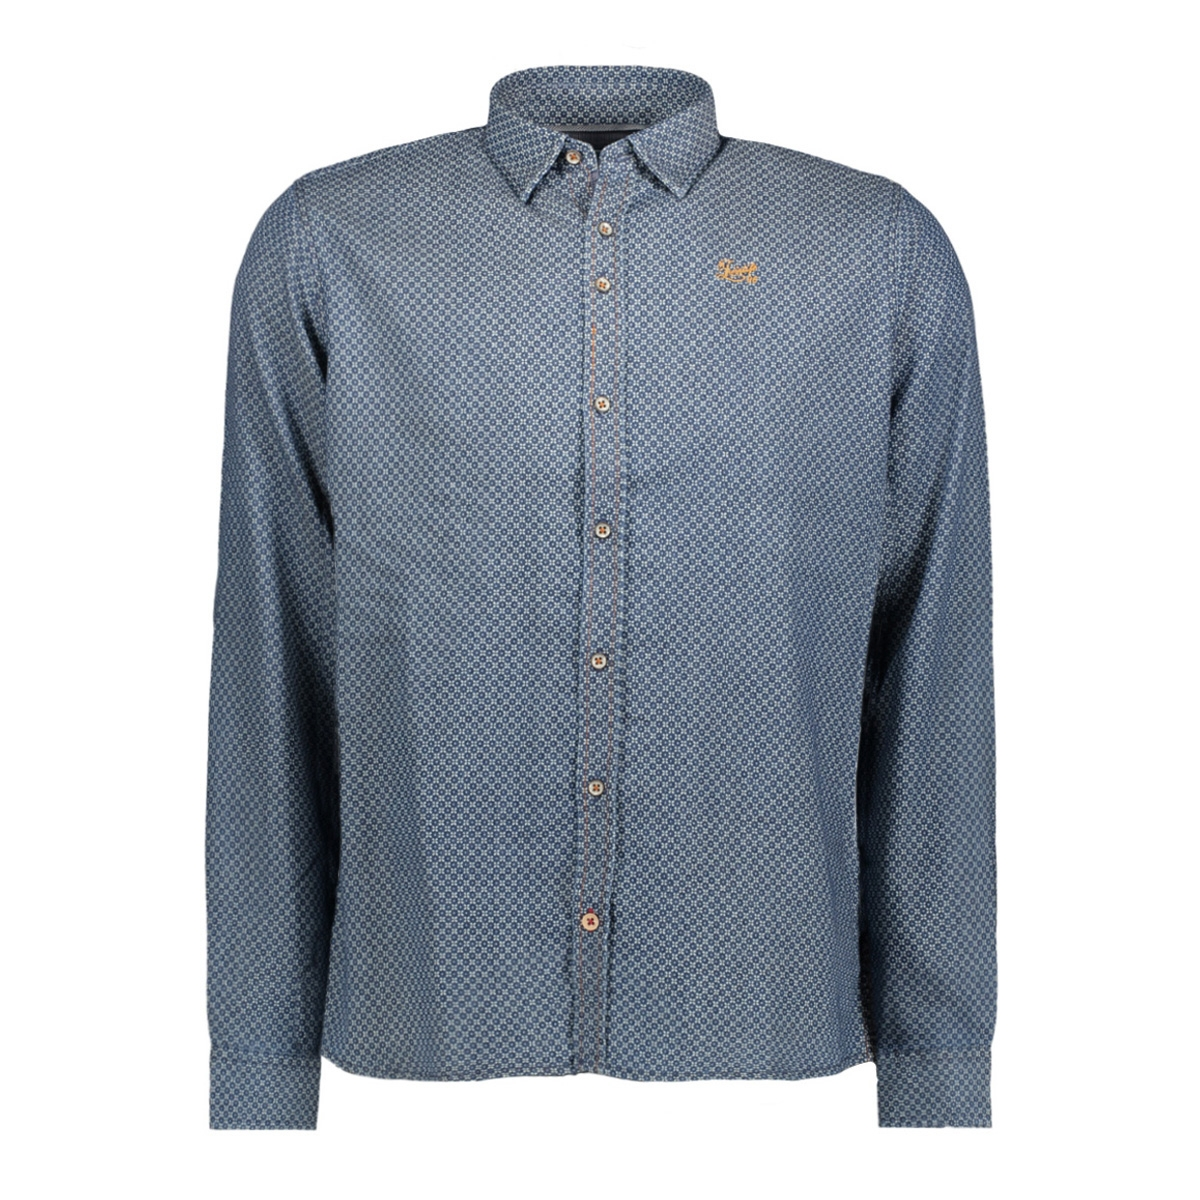 msh751625 twinlife overhemd real indigo